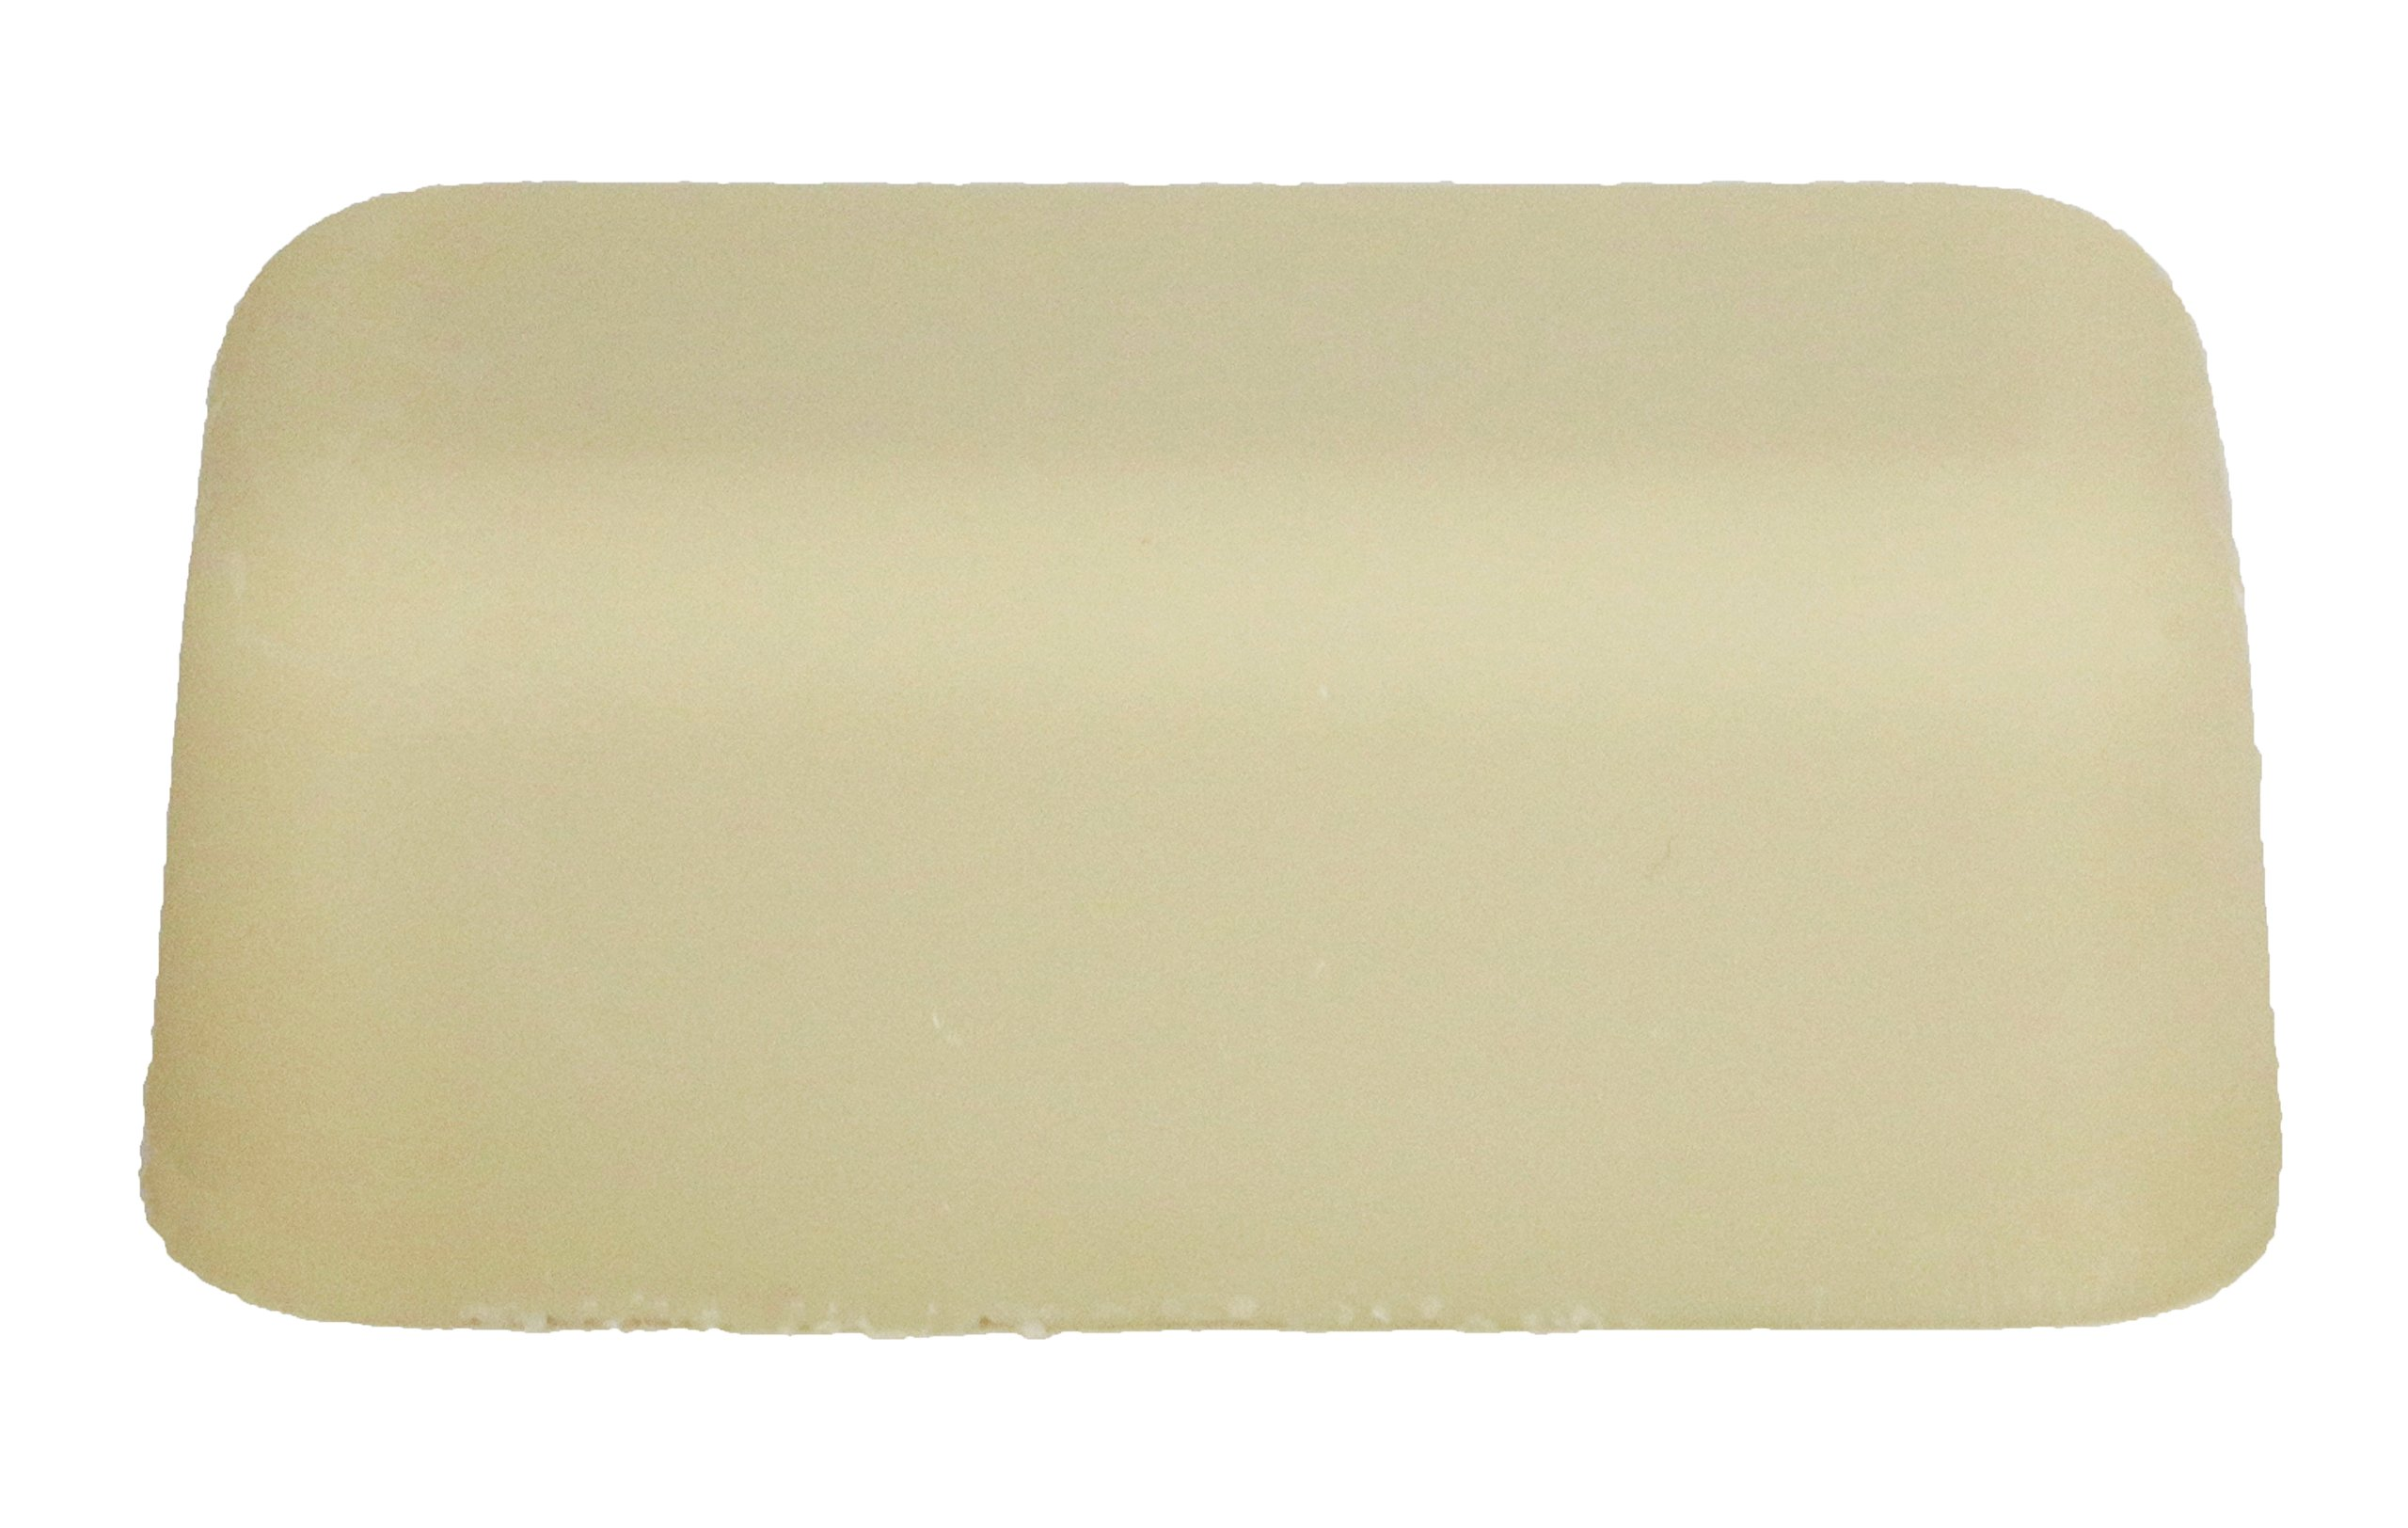 Unrefined Shea Butter by Better Shea Butter - Ivory - 1 lb by Better Shea Butter (Image #3)